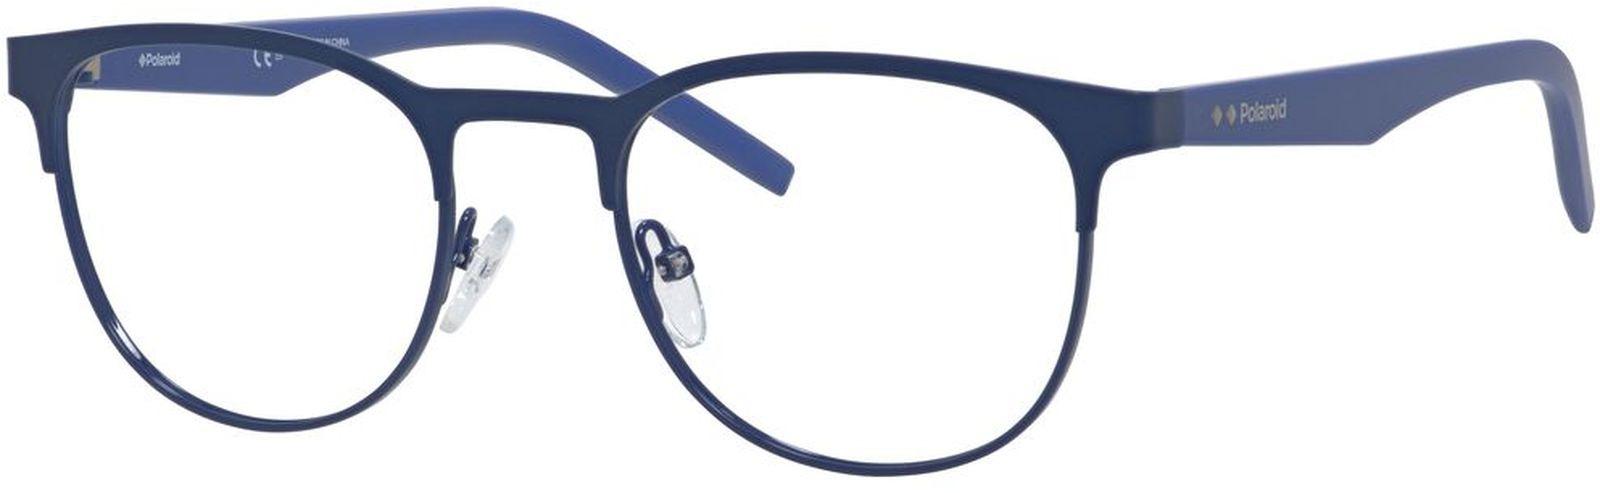 Оправа для очков женская Polaroid D326, PLD-100322PJP5020, синий polaroid pld d203 dl5